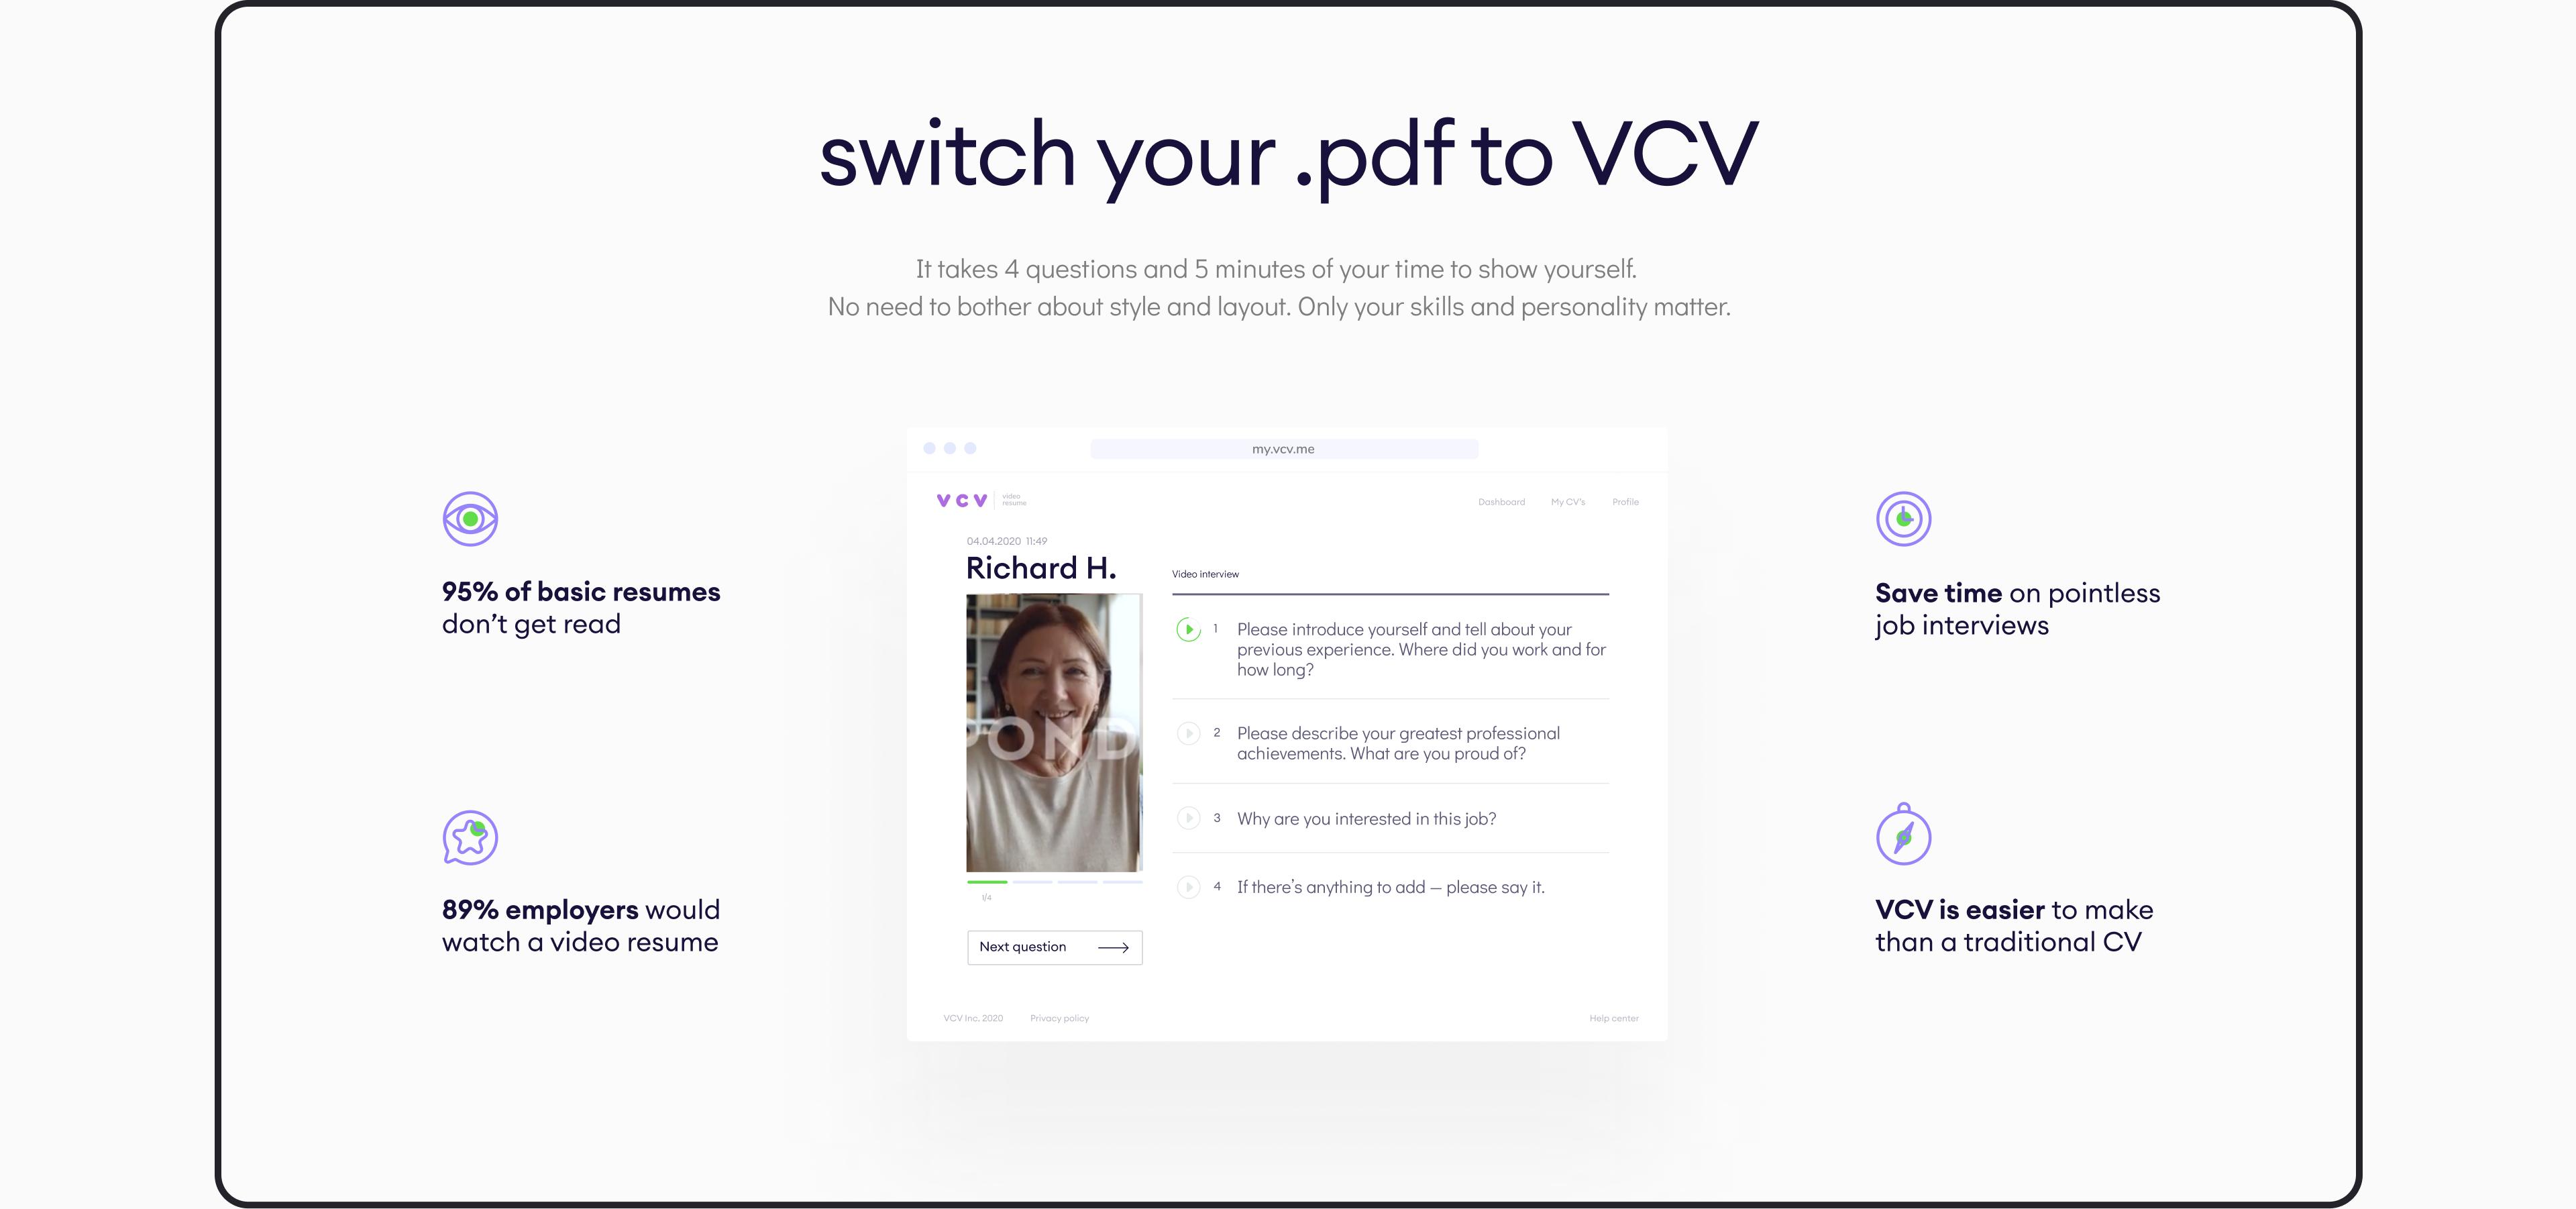 VCV website by Embacy